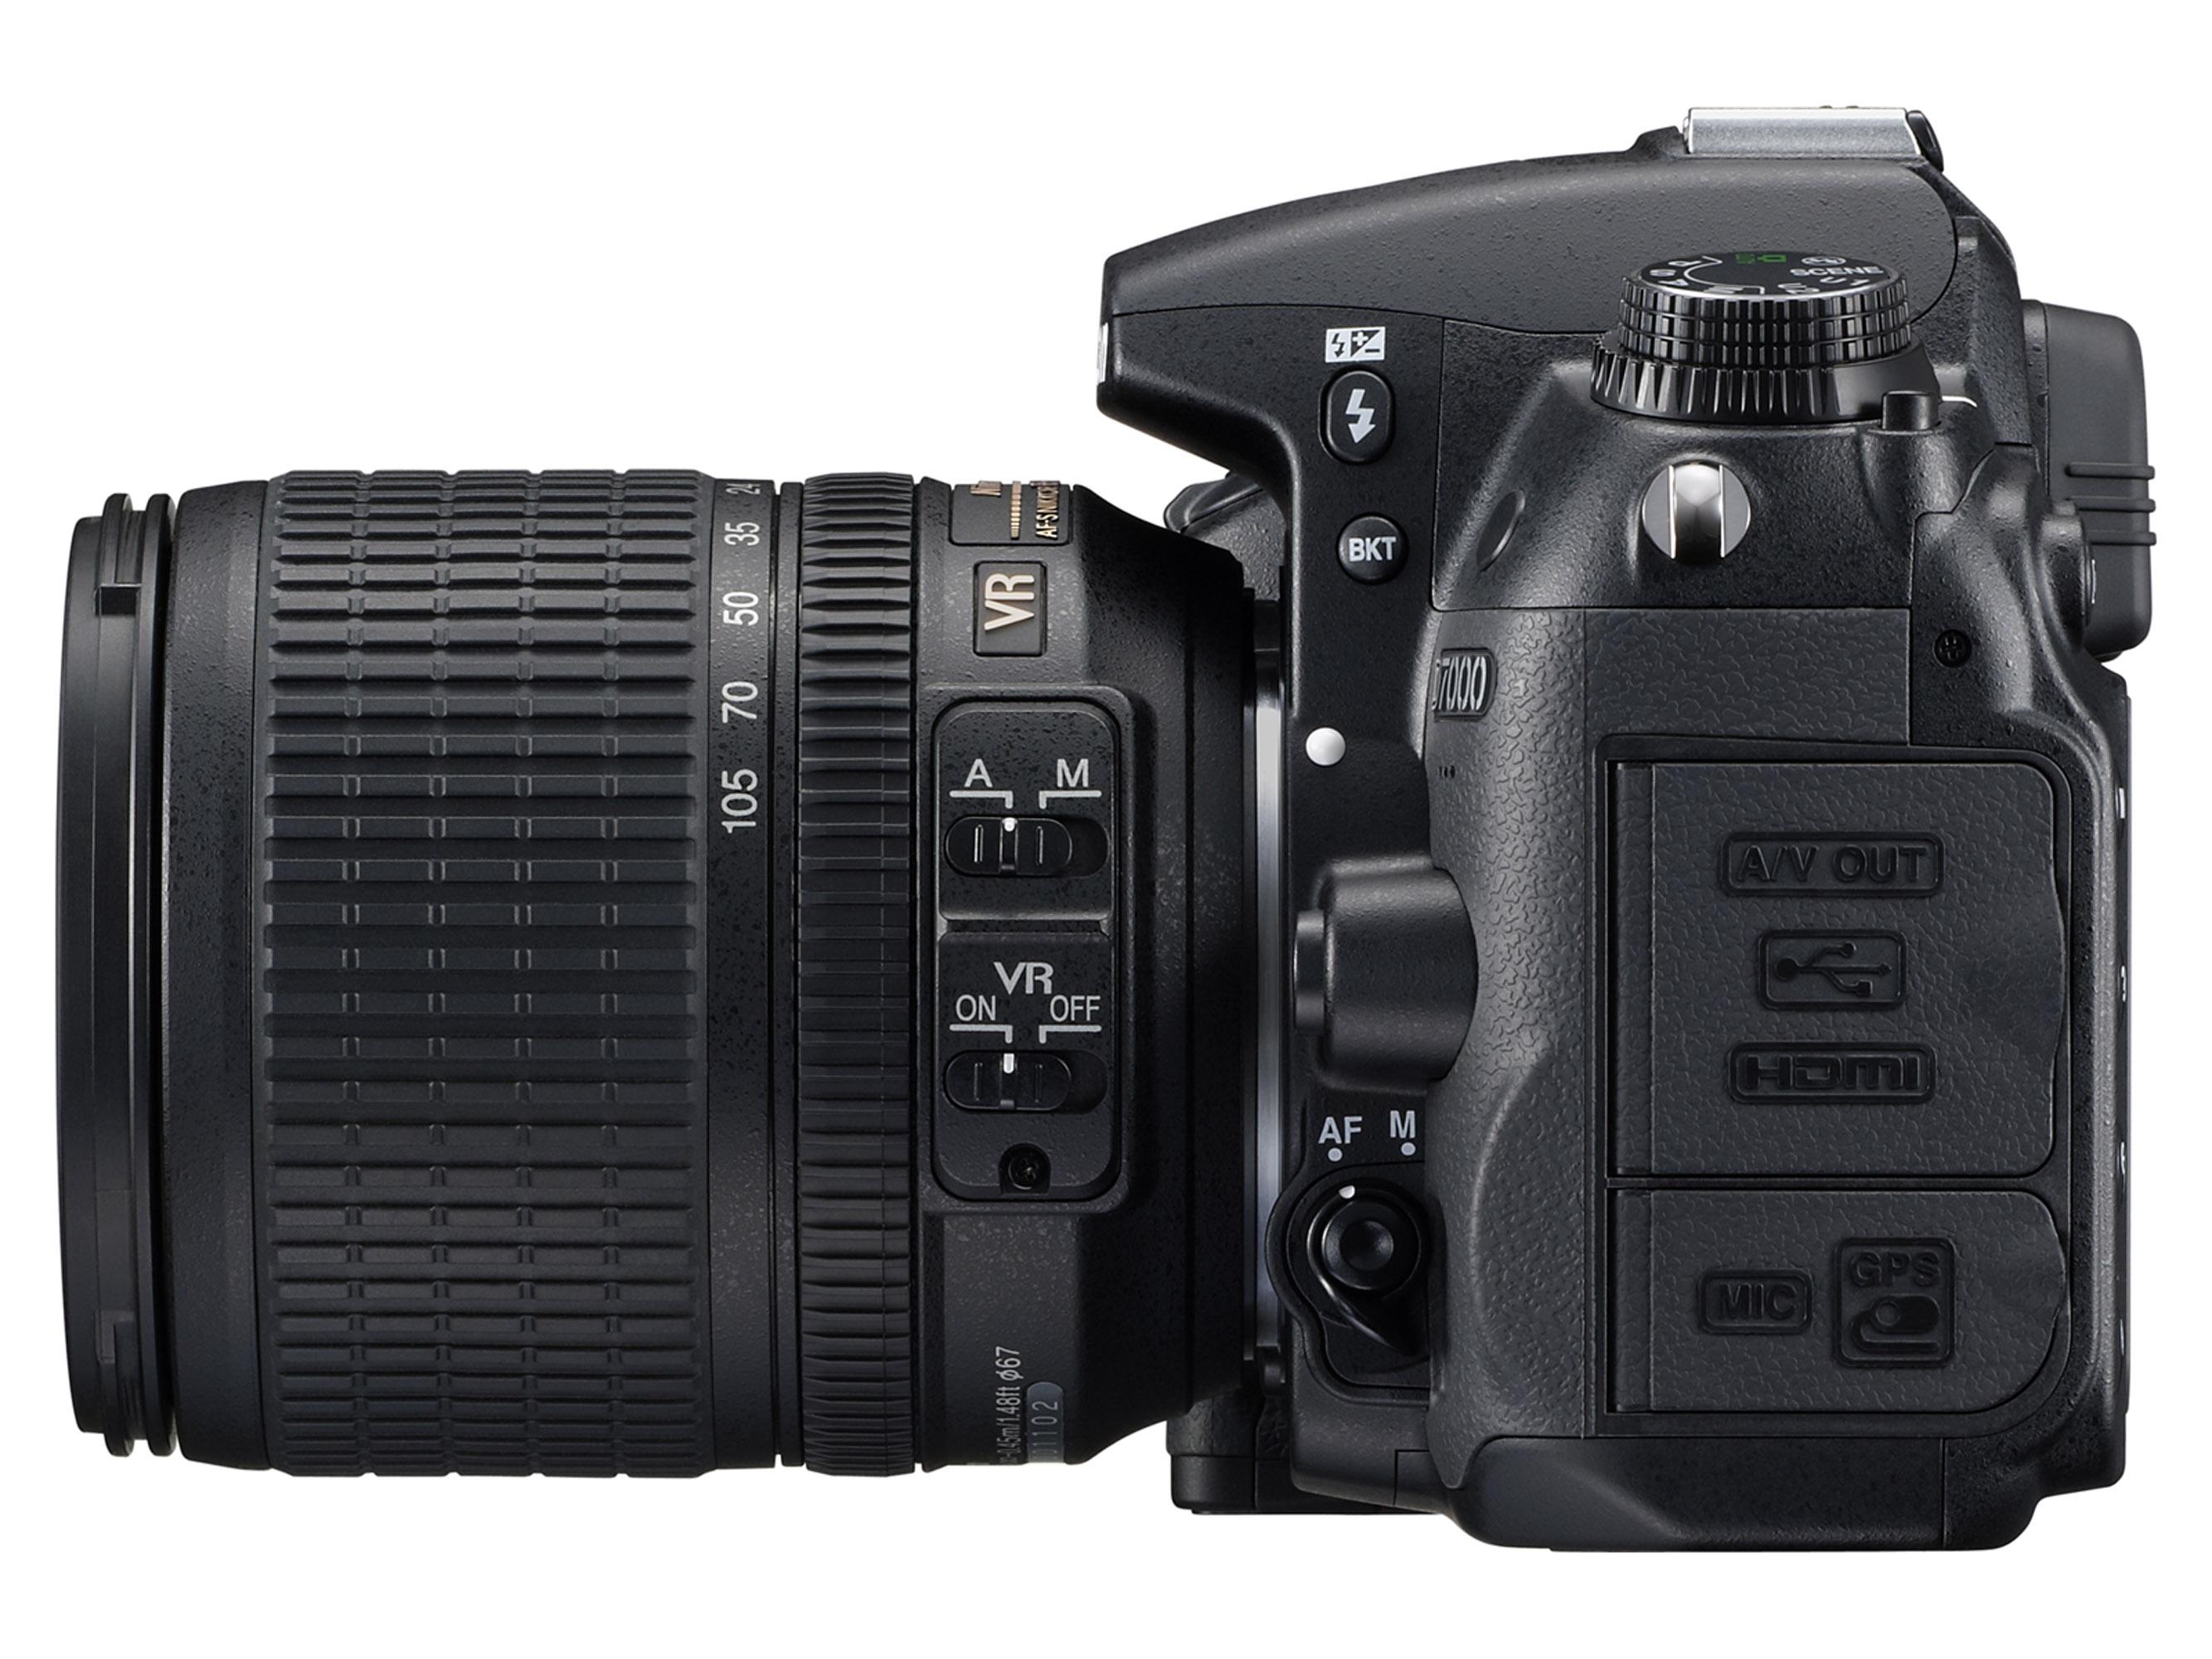 Nikon D7000 Video Specs